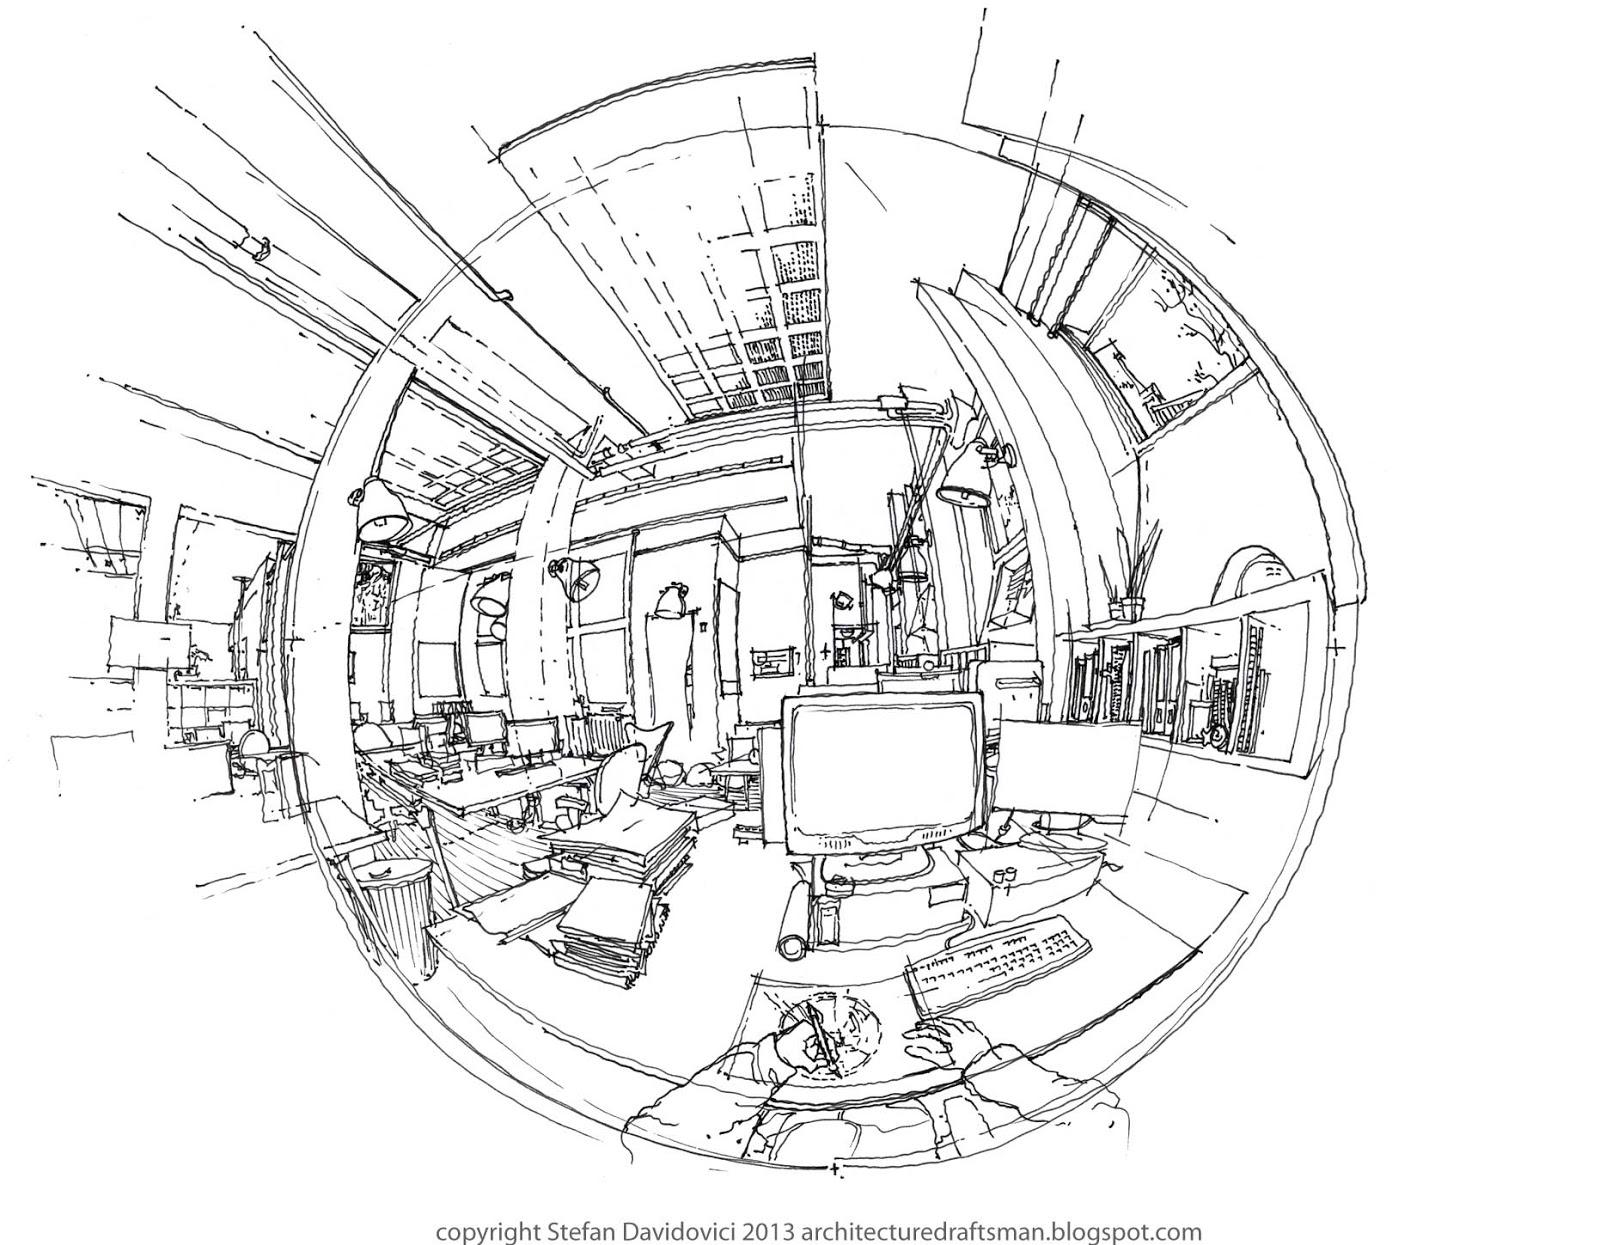 The Interior Prospect